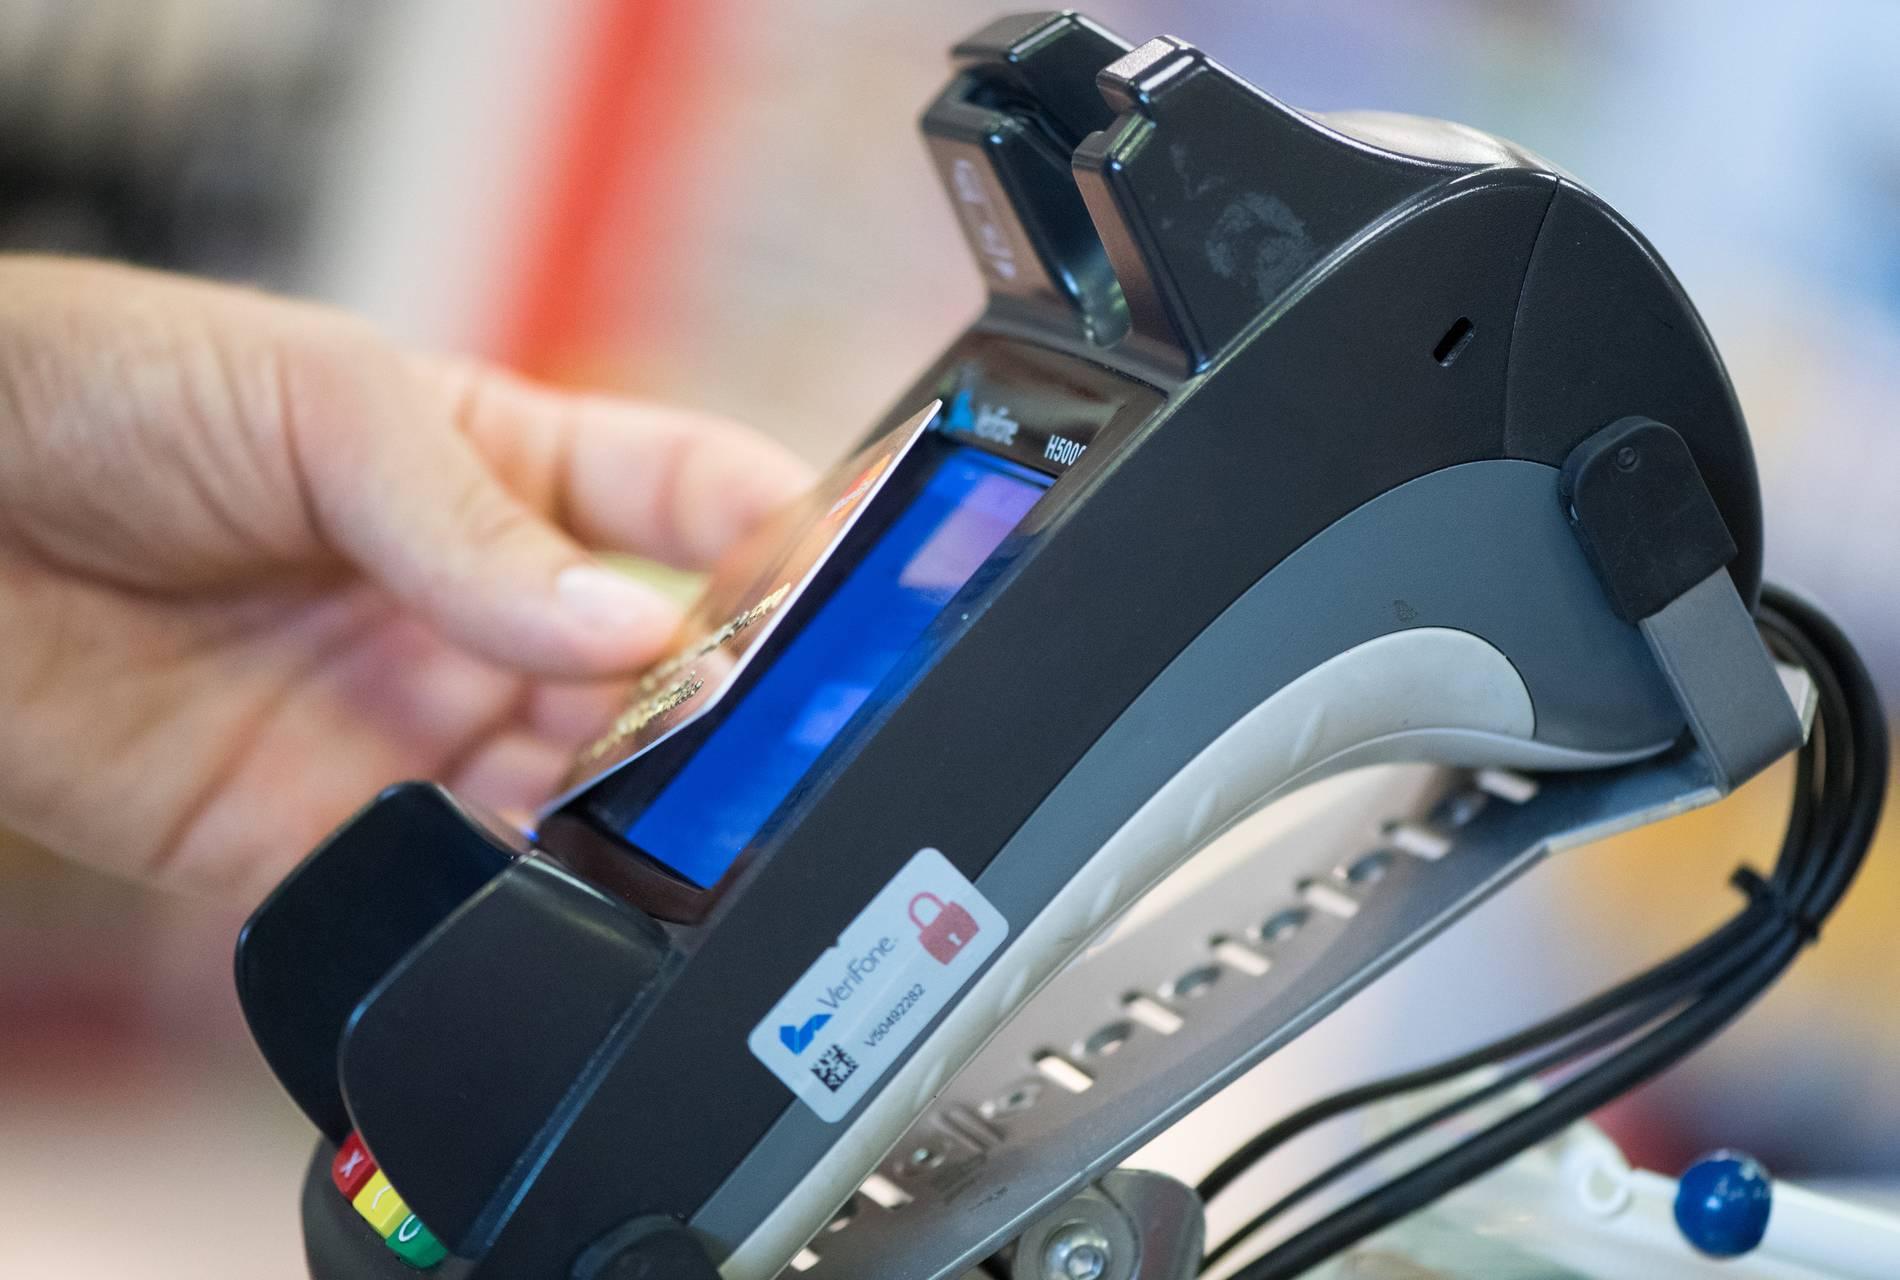 Verbraucher können künftig bis zu 50 Euro kontaktlos bezahlen - Wirtschaft